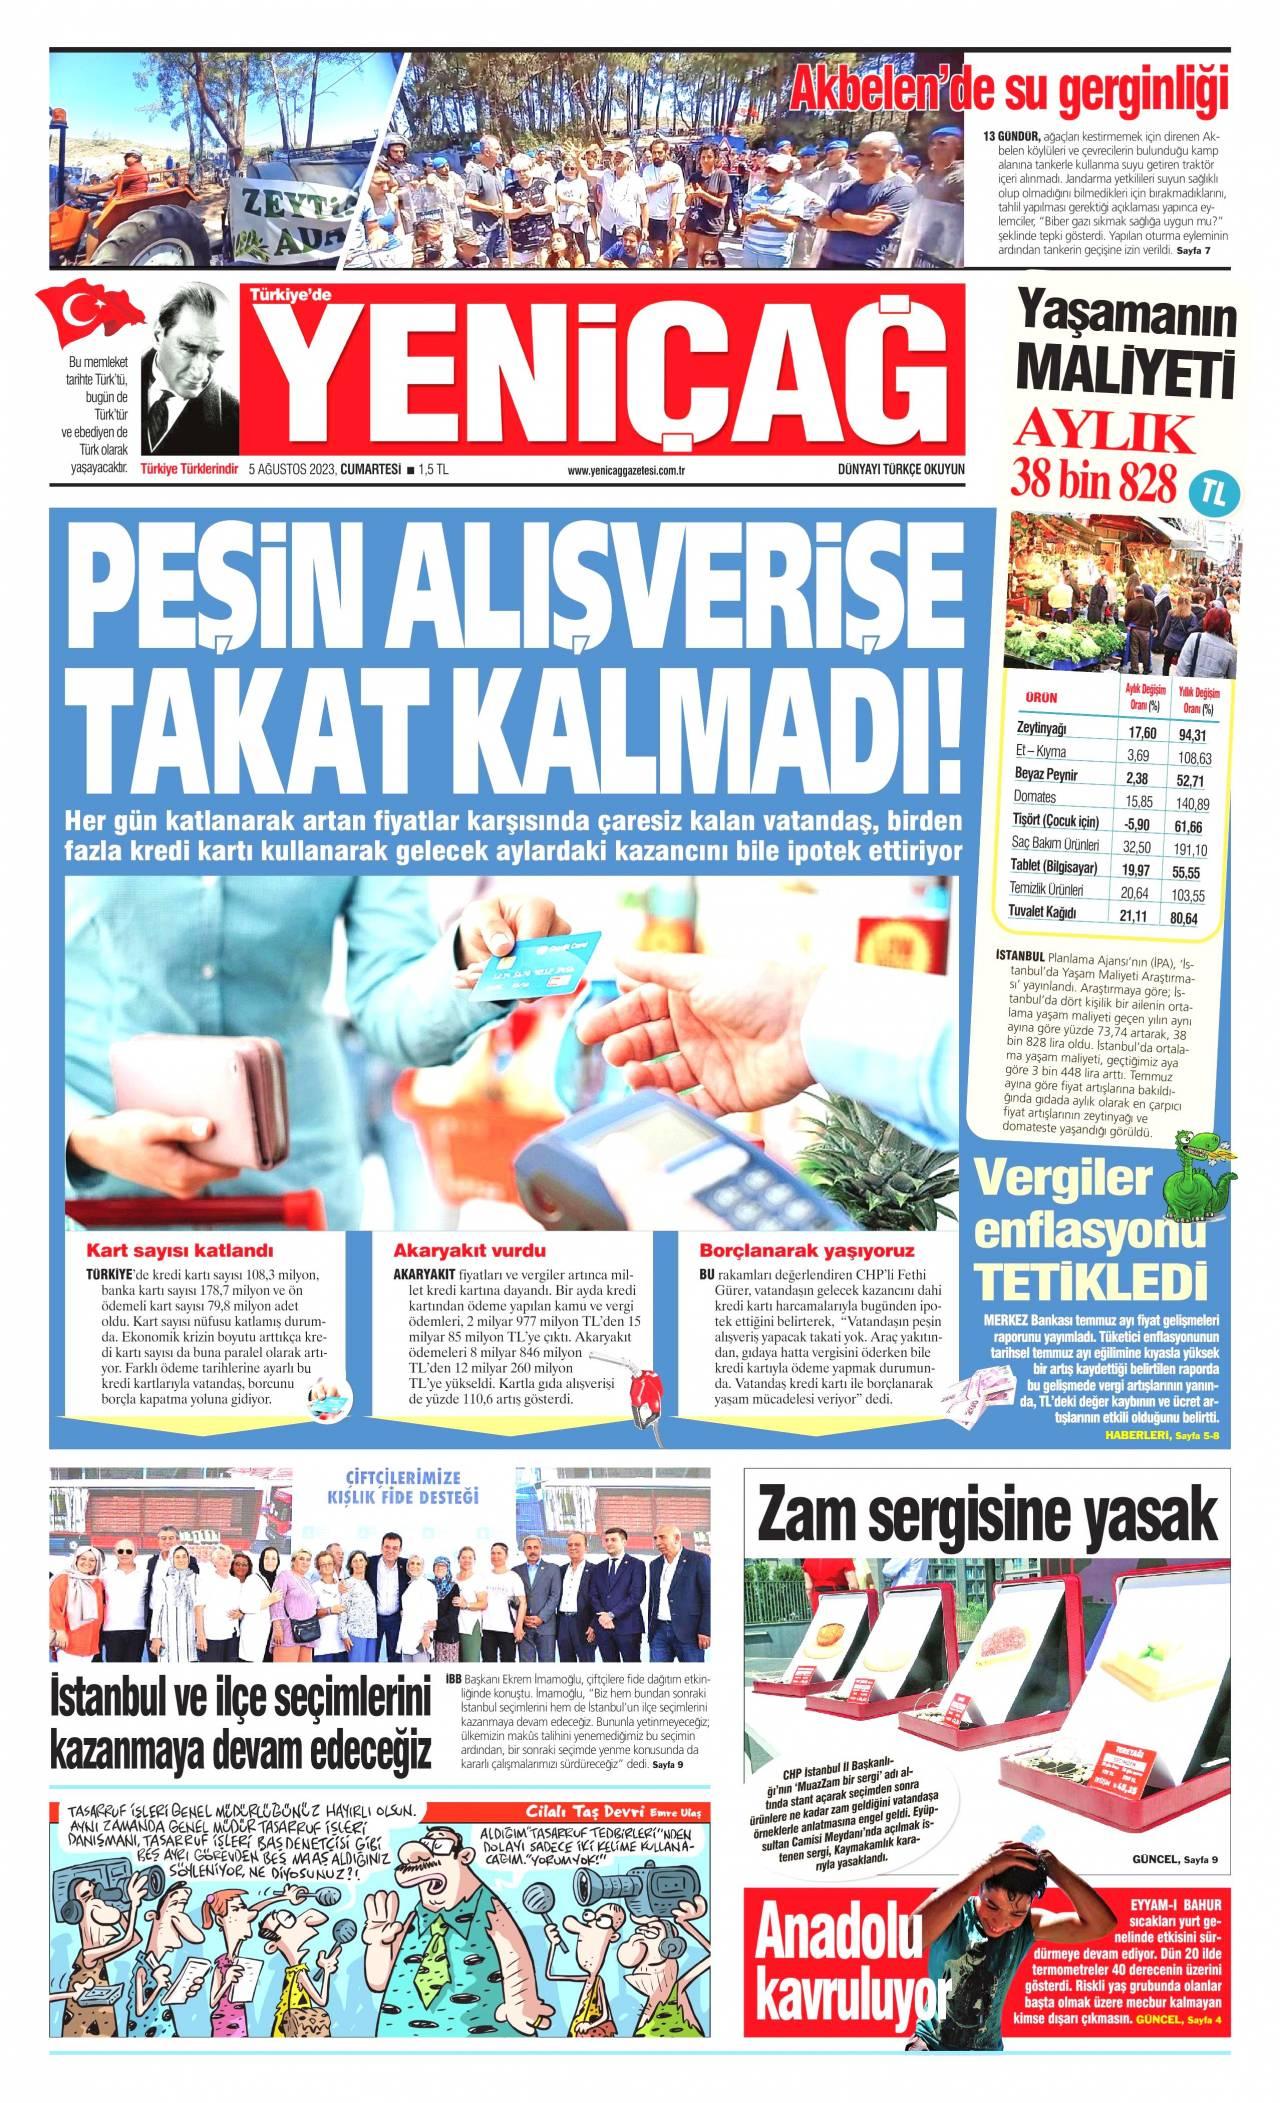 yenicag Gazetesi 1. sayfası